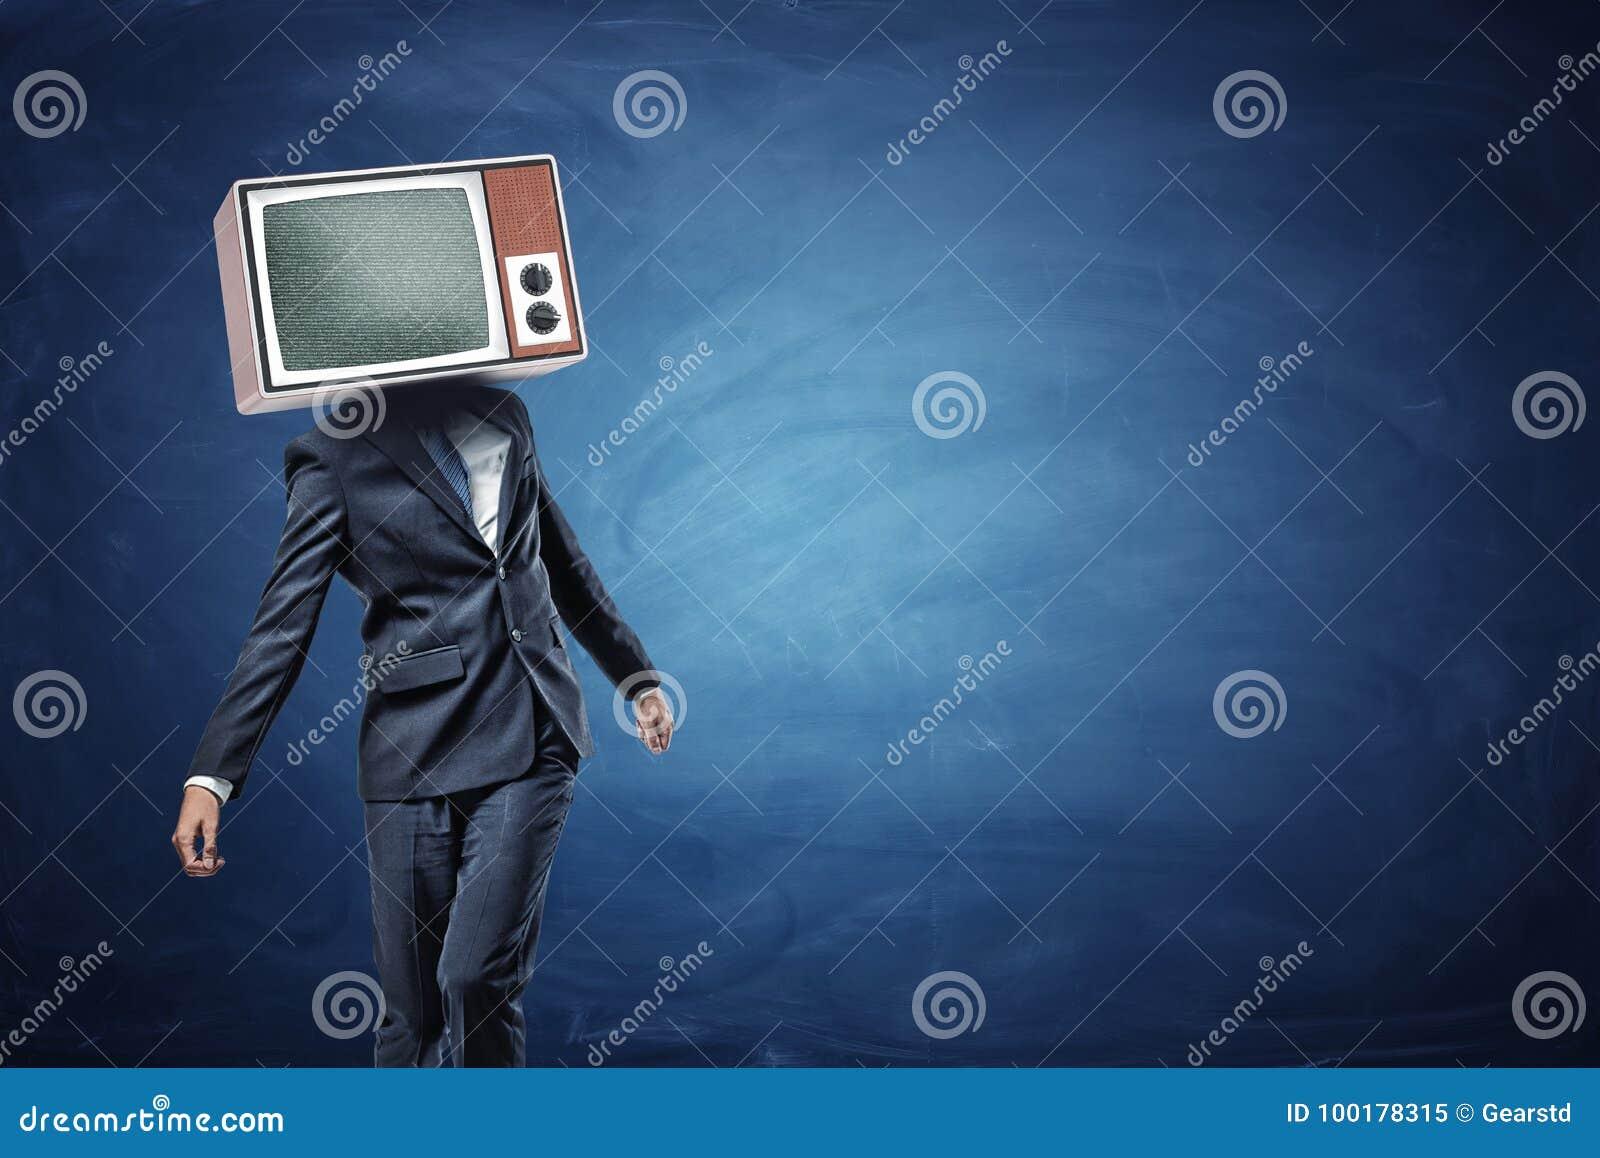 Een onvaste zakenman die zich ongelijk met een grote retro TV op zijn hoofd bevinden die grijs lawaai tonen